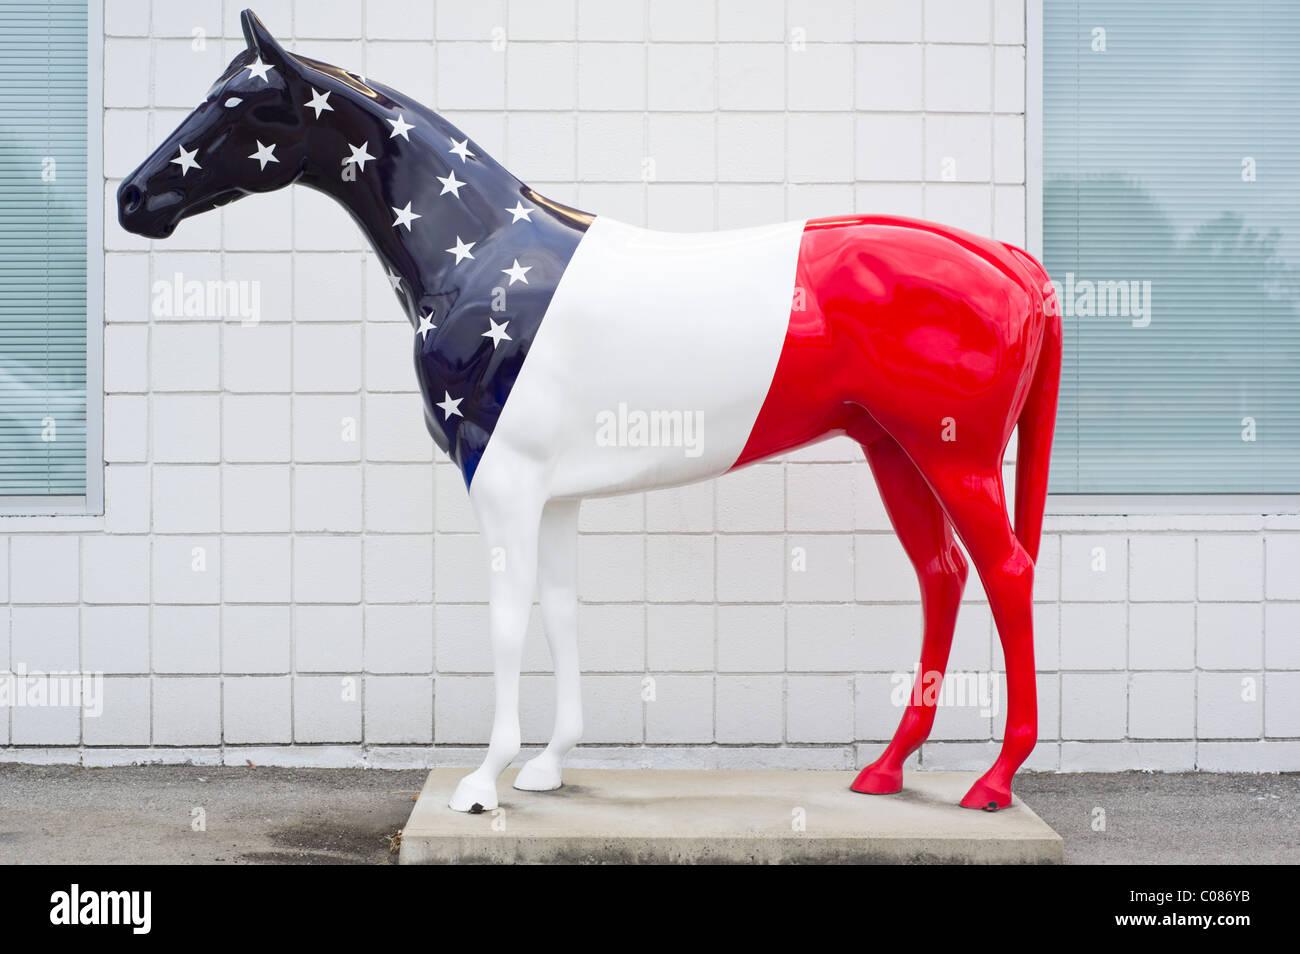 Statue cheval patriotique peinte en rouge, blanc et bleu avec des étoiles dans un drapeau américain, thème Photo Stock